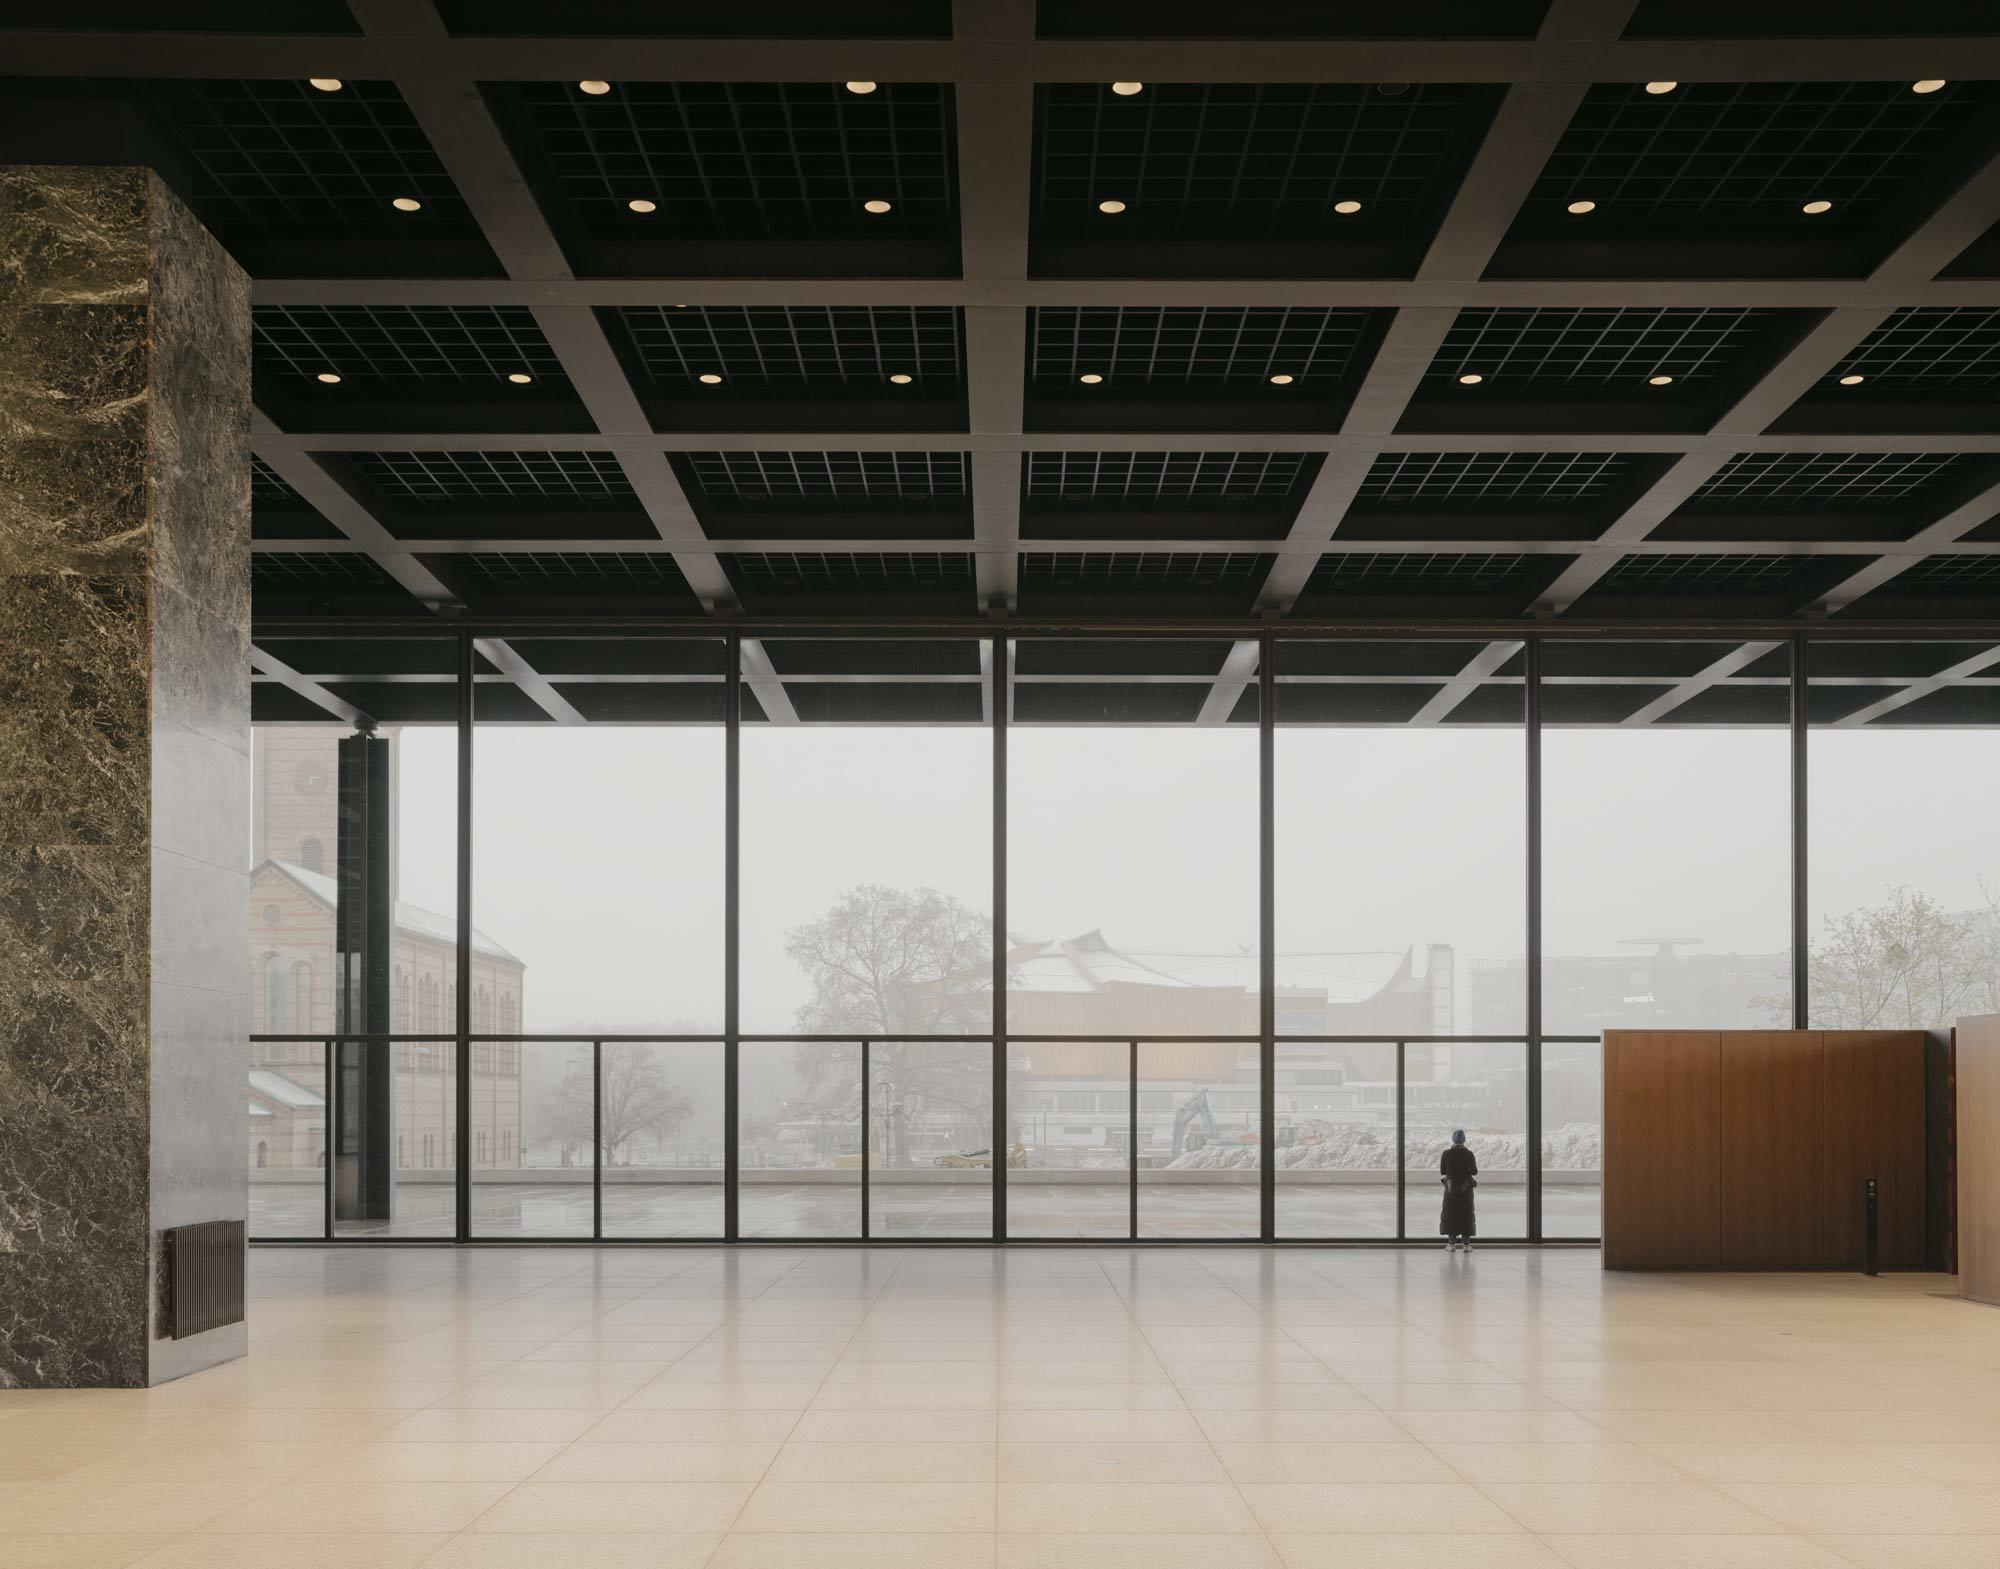 Sechs Jahre lang wurde die Neue Nationalgalerie in Berlin von David Chipperfield Architects grundsaniert. Ein Rundgang durch die Ikone der modernen Architektur.